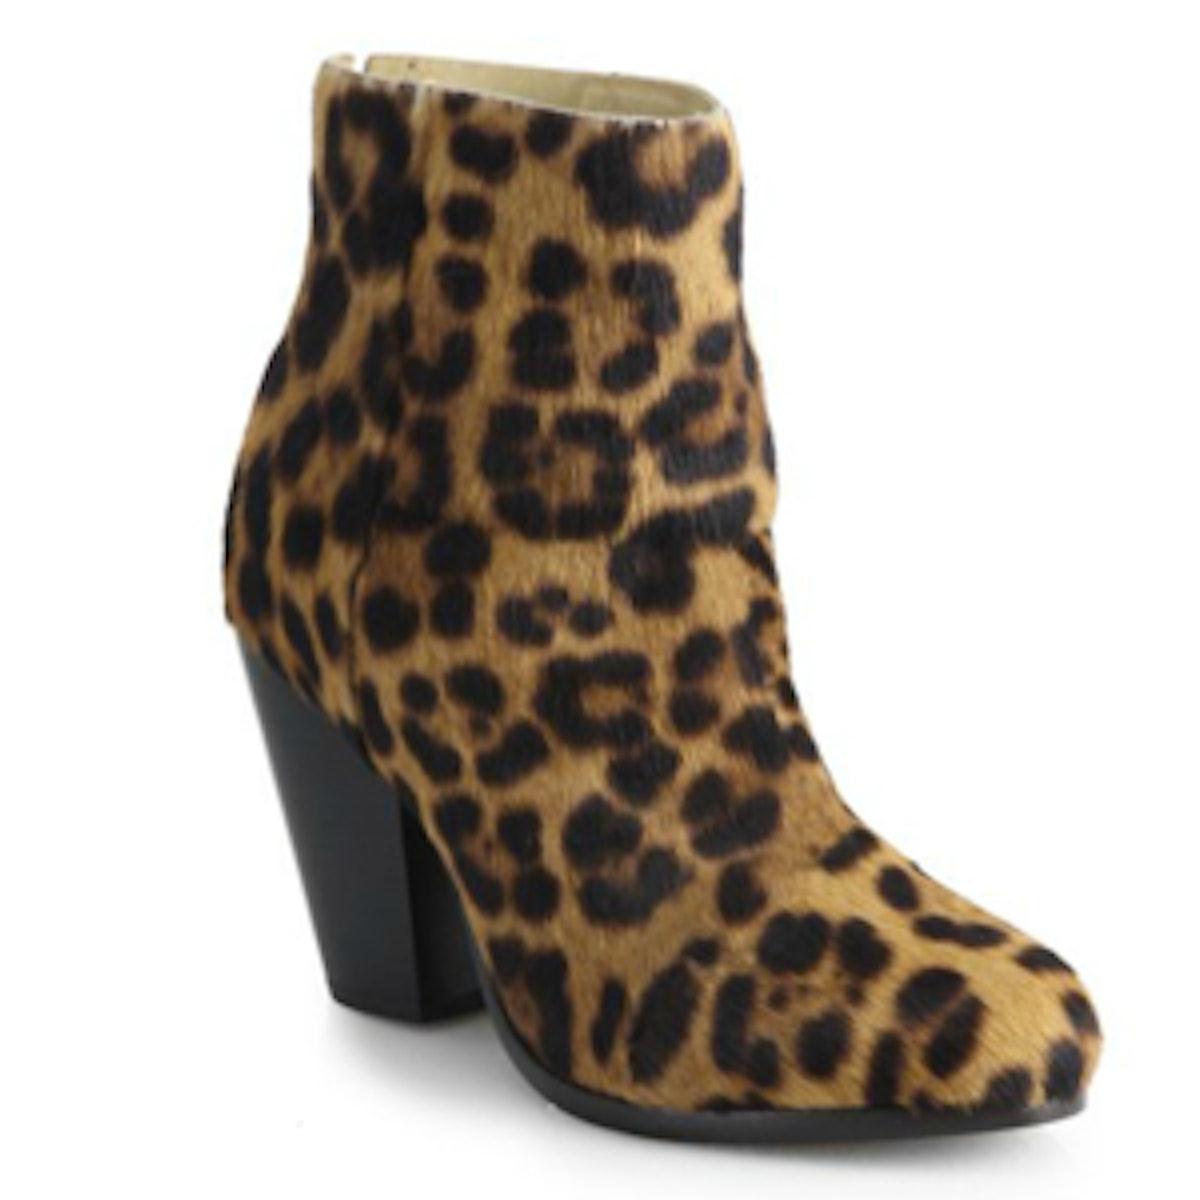 Newbury Leopard-Print Calf Hair Ankle Boots